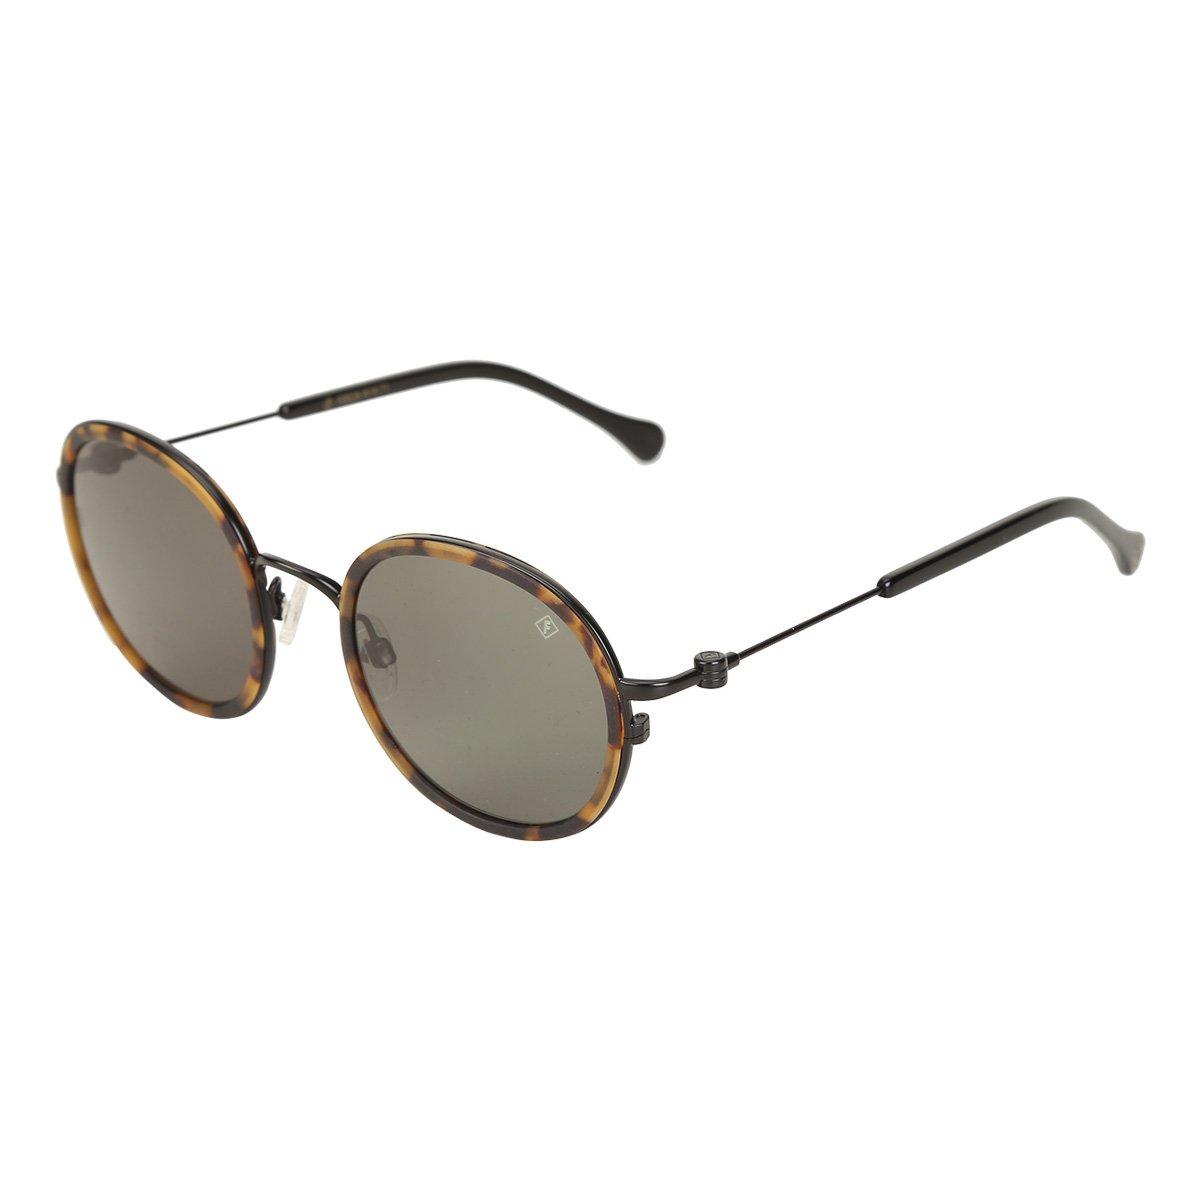 bf971a3f835cb Óculos de Sol Forum Preto Fosco Feminino - Compre Agora